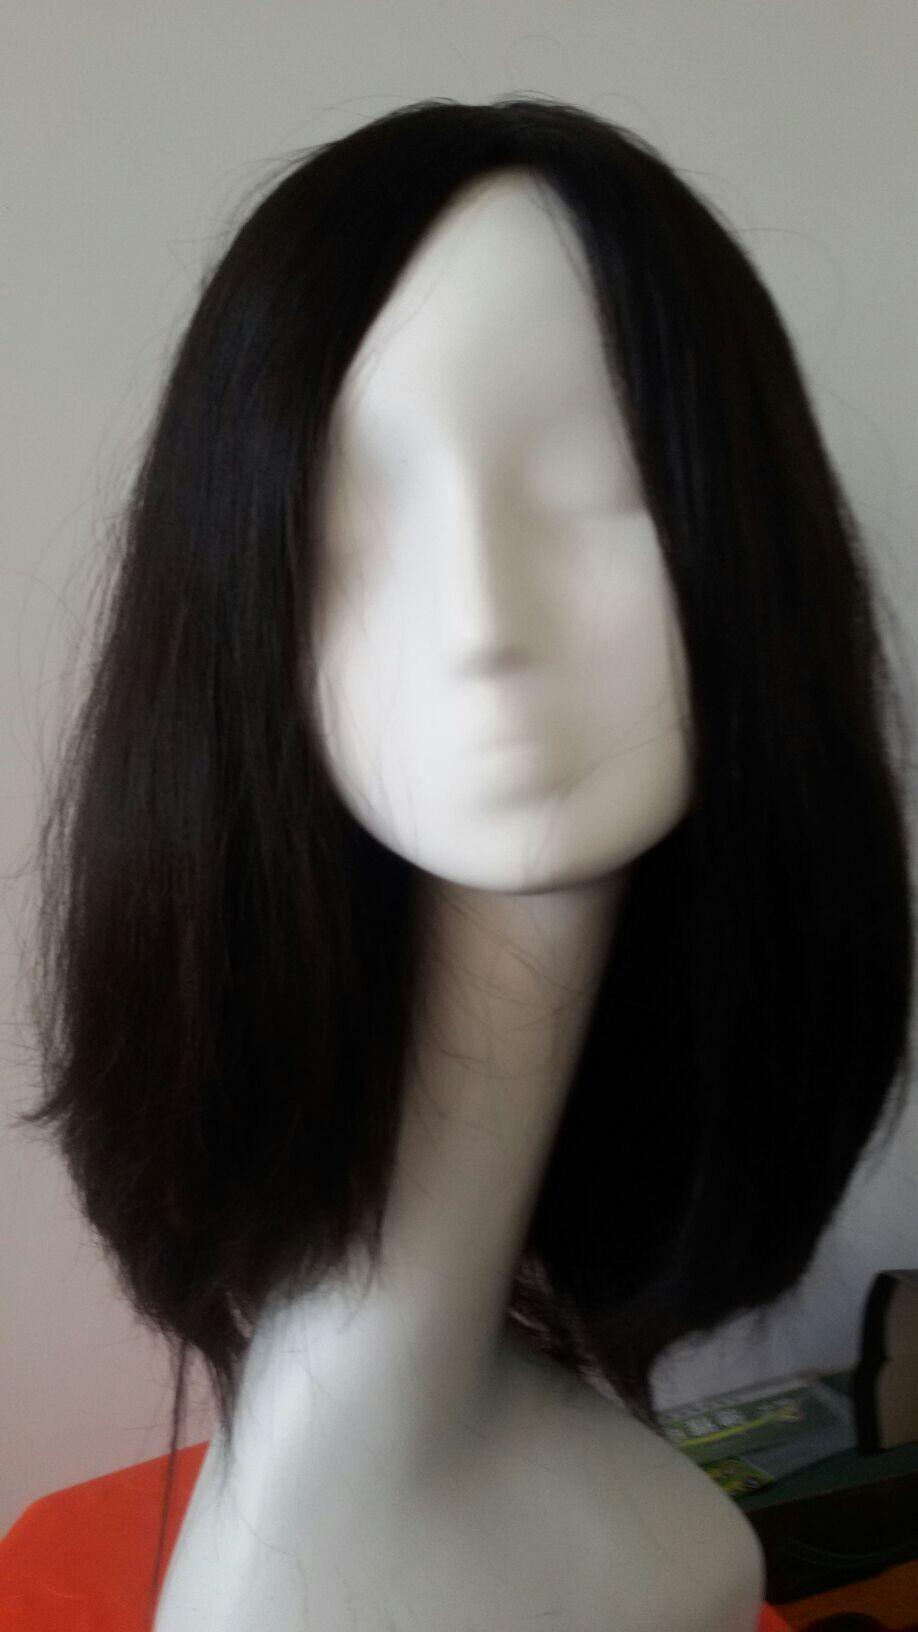 עיבוד שיער טבעי וספות שיער טבעיות תוספות שיער לכלות תוספות שיער יצוא פאות פאות משיער טבעי יבוא שיער יבוא שיער טבעי יבוא שיער לפאות יבוא שיער בהיר יבוא שיער שחור יבוא שיער חום יבוא שיער אירופאי